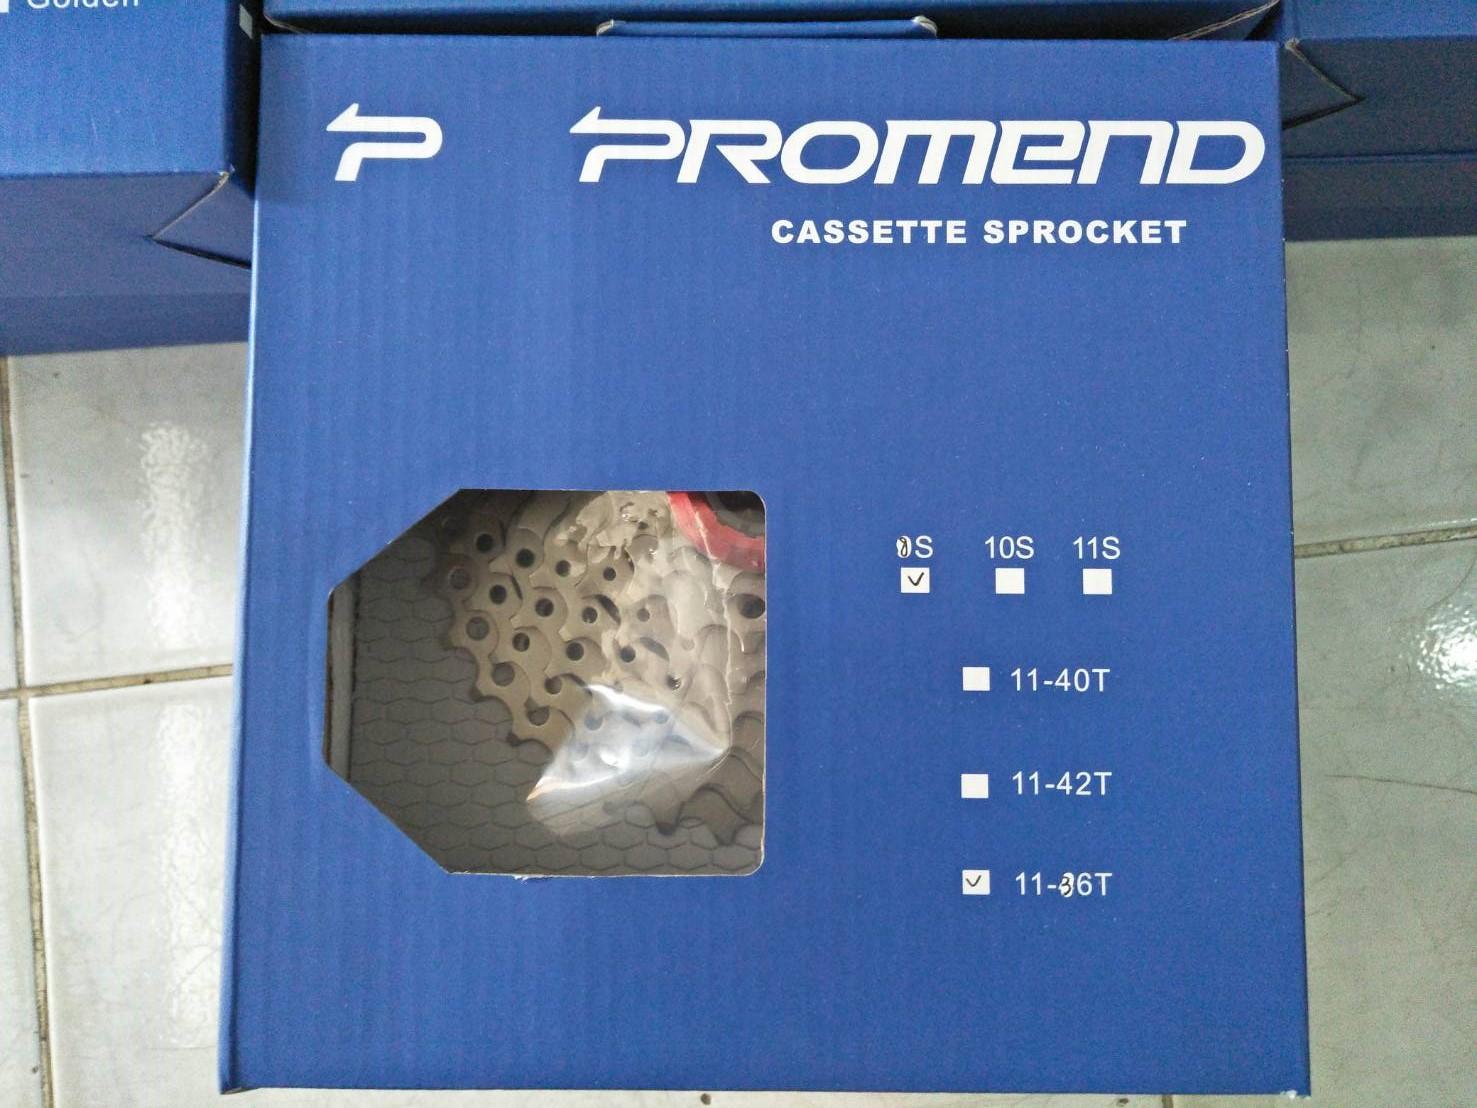 เฟืองหลัง Promend สำหรับเกียร์ 8 9 10 11 Speed